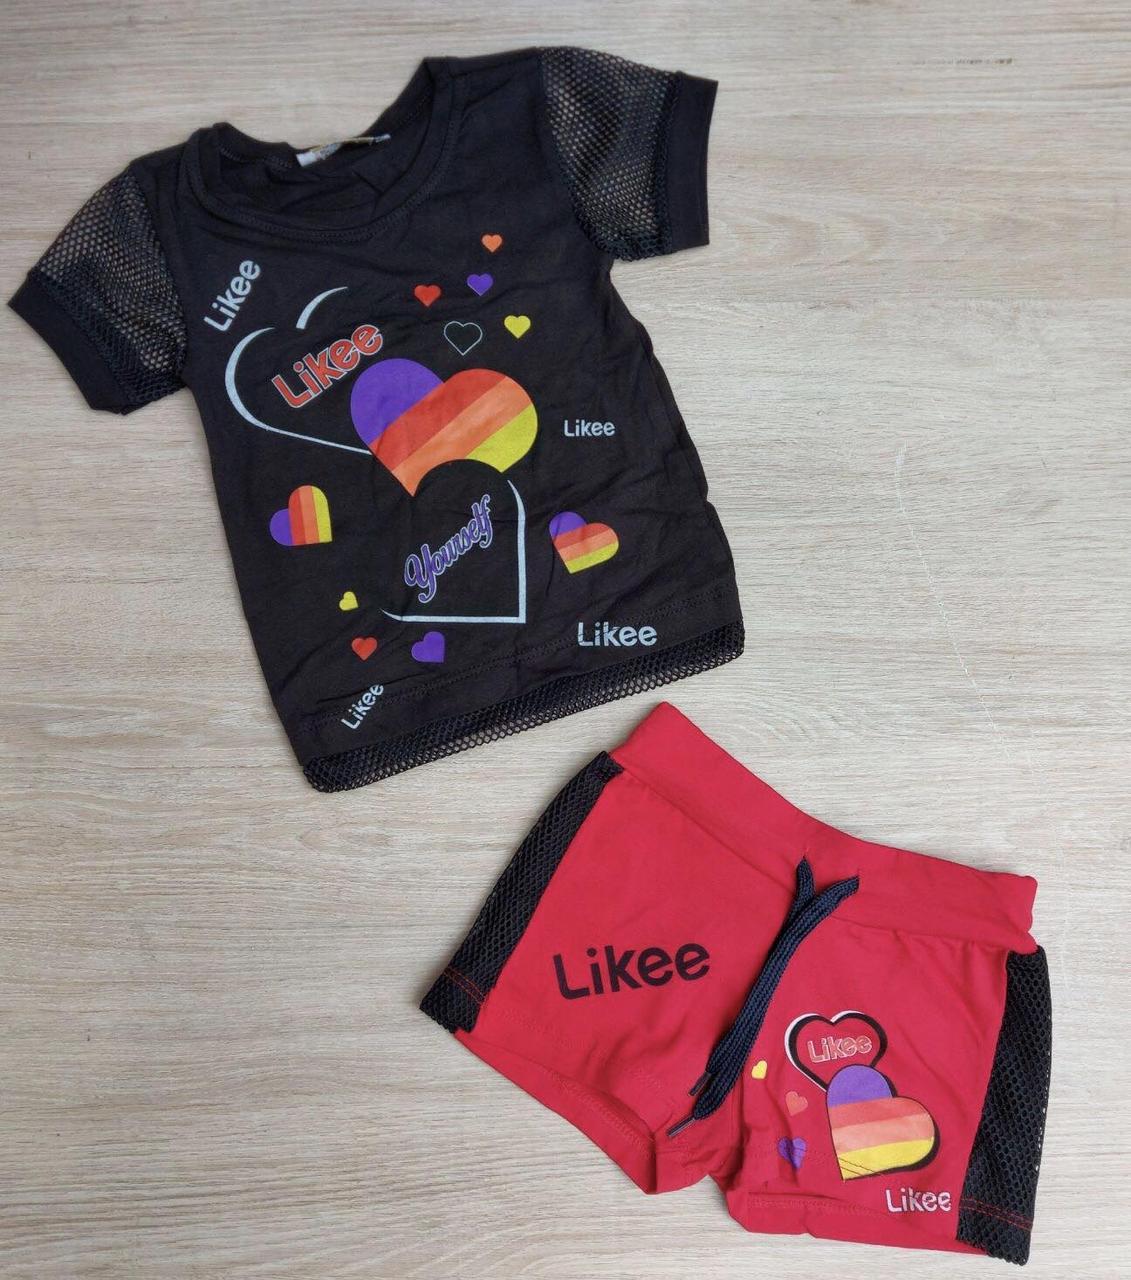 """Костюм летний детский """"Likee"""". Размеры 2-5 лет. Красный с чёрным. Оптом"""